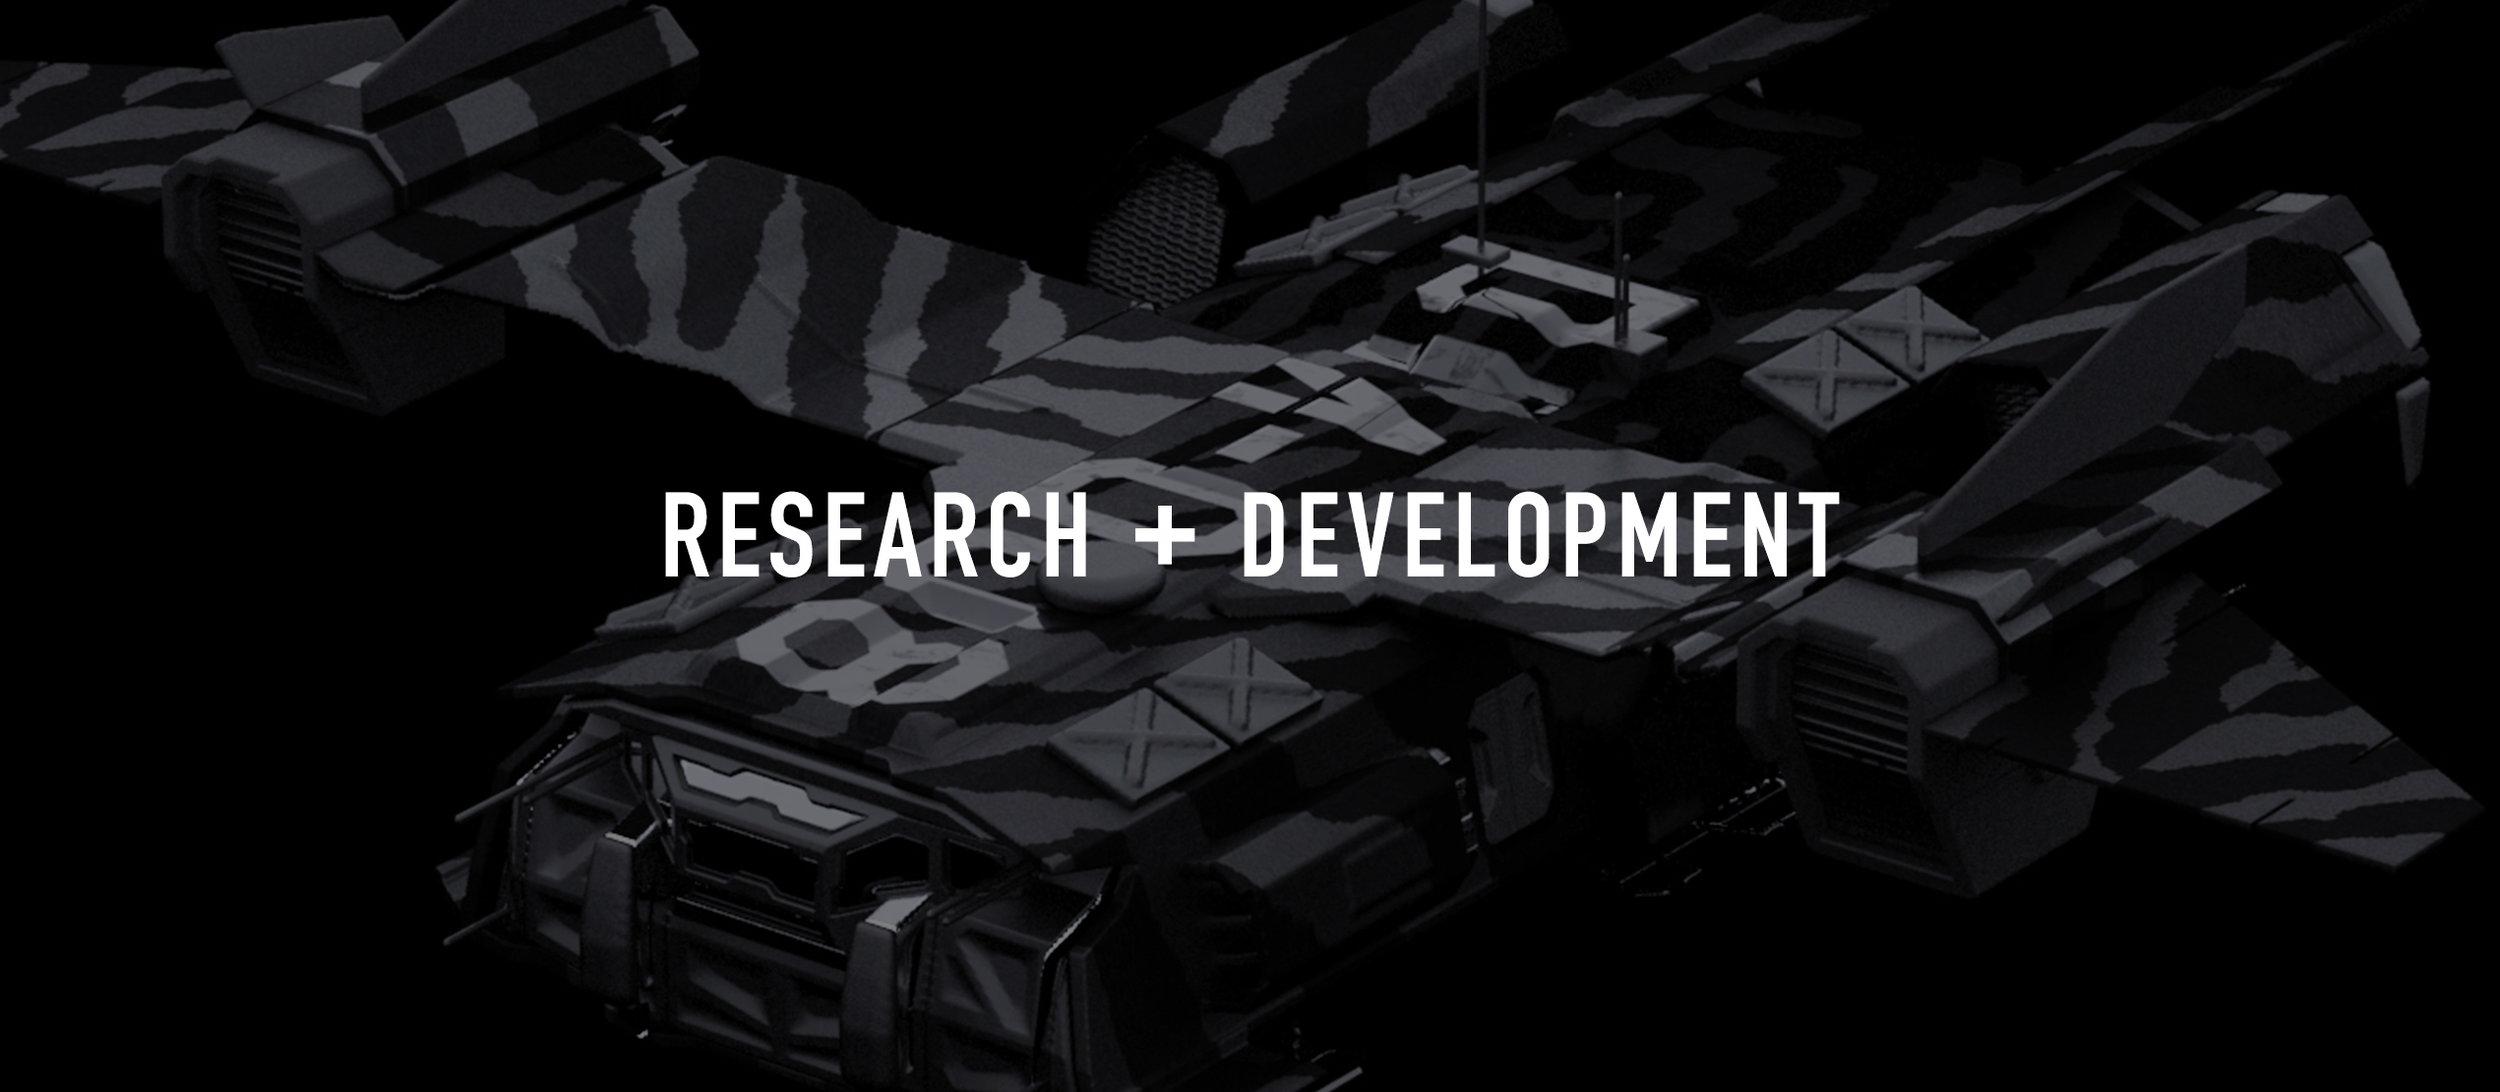 notdanmartin_home_research-development.jpg